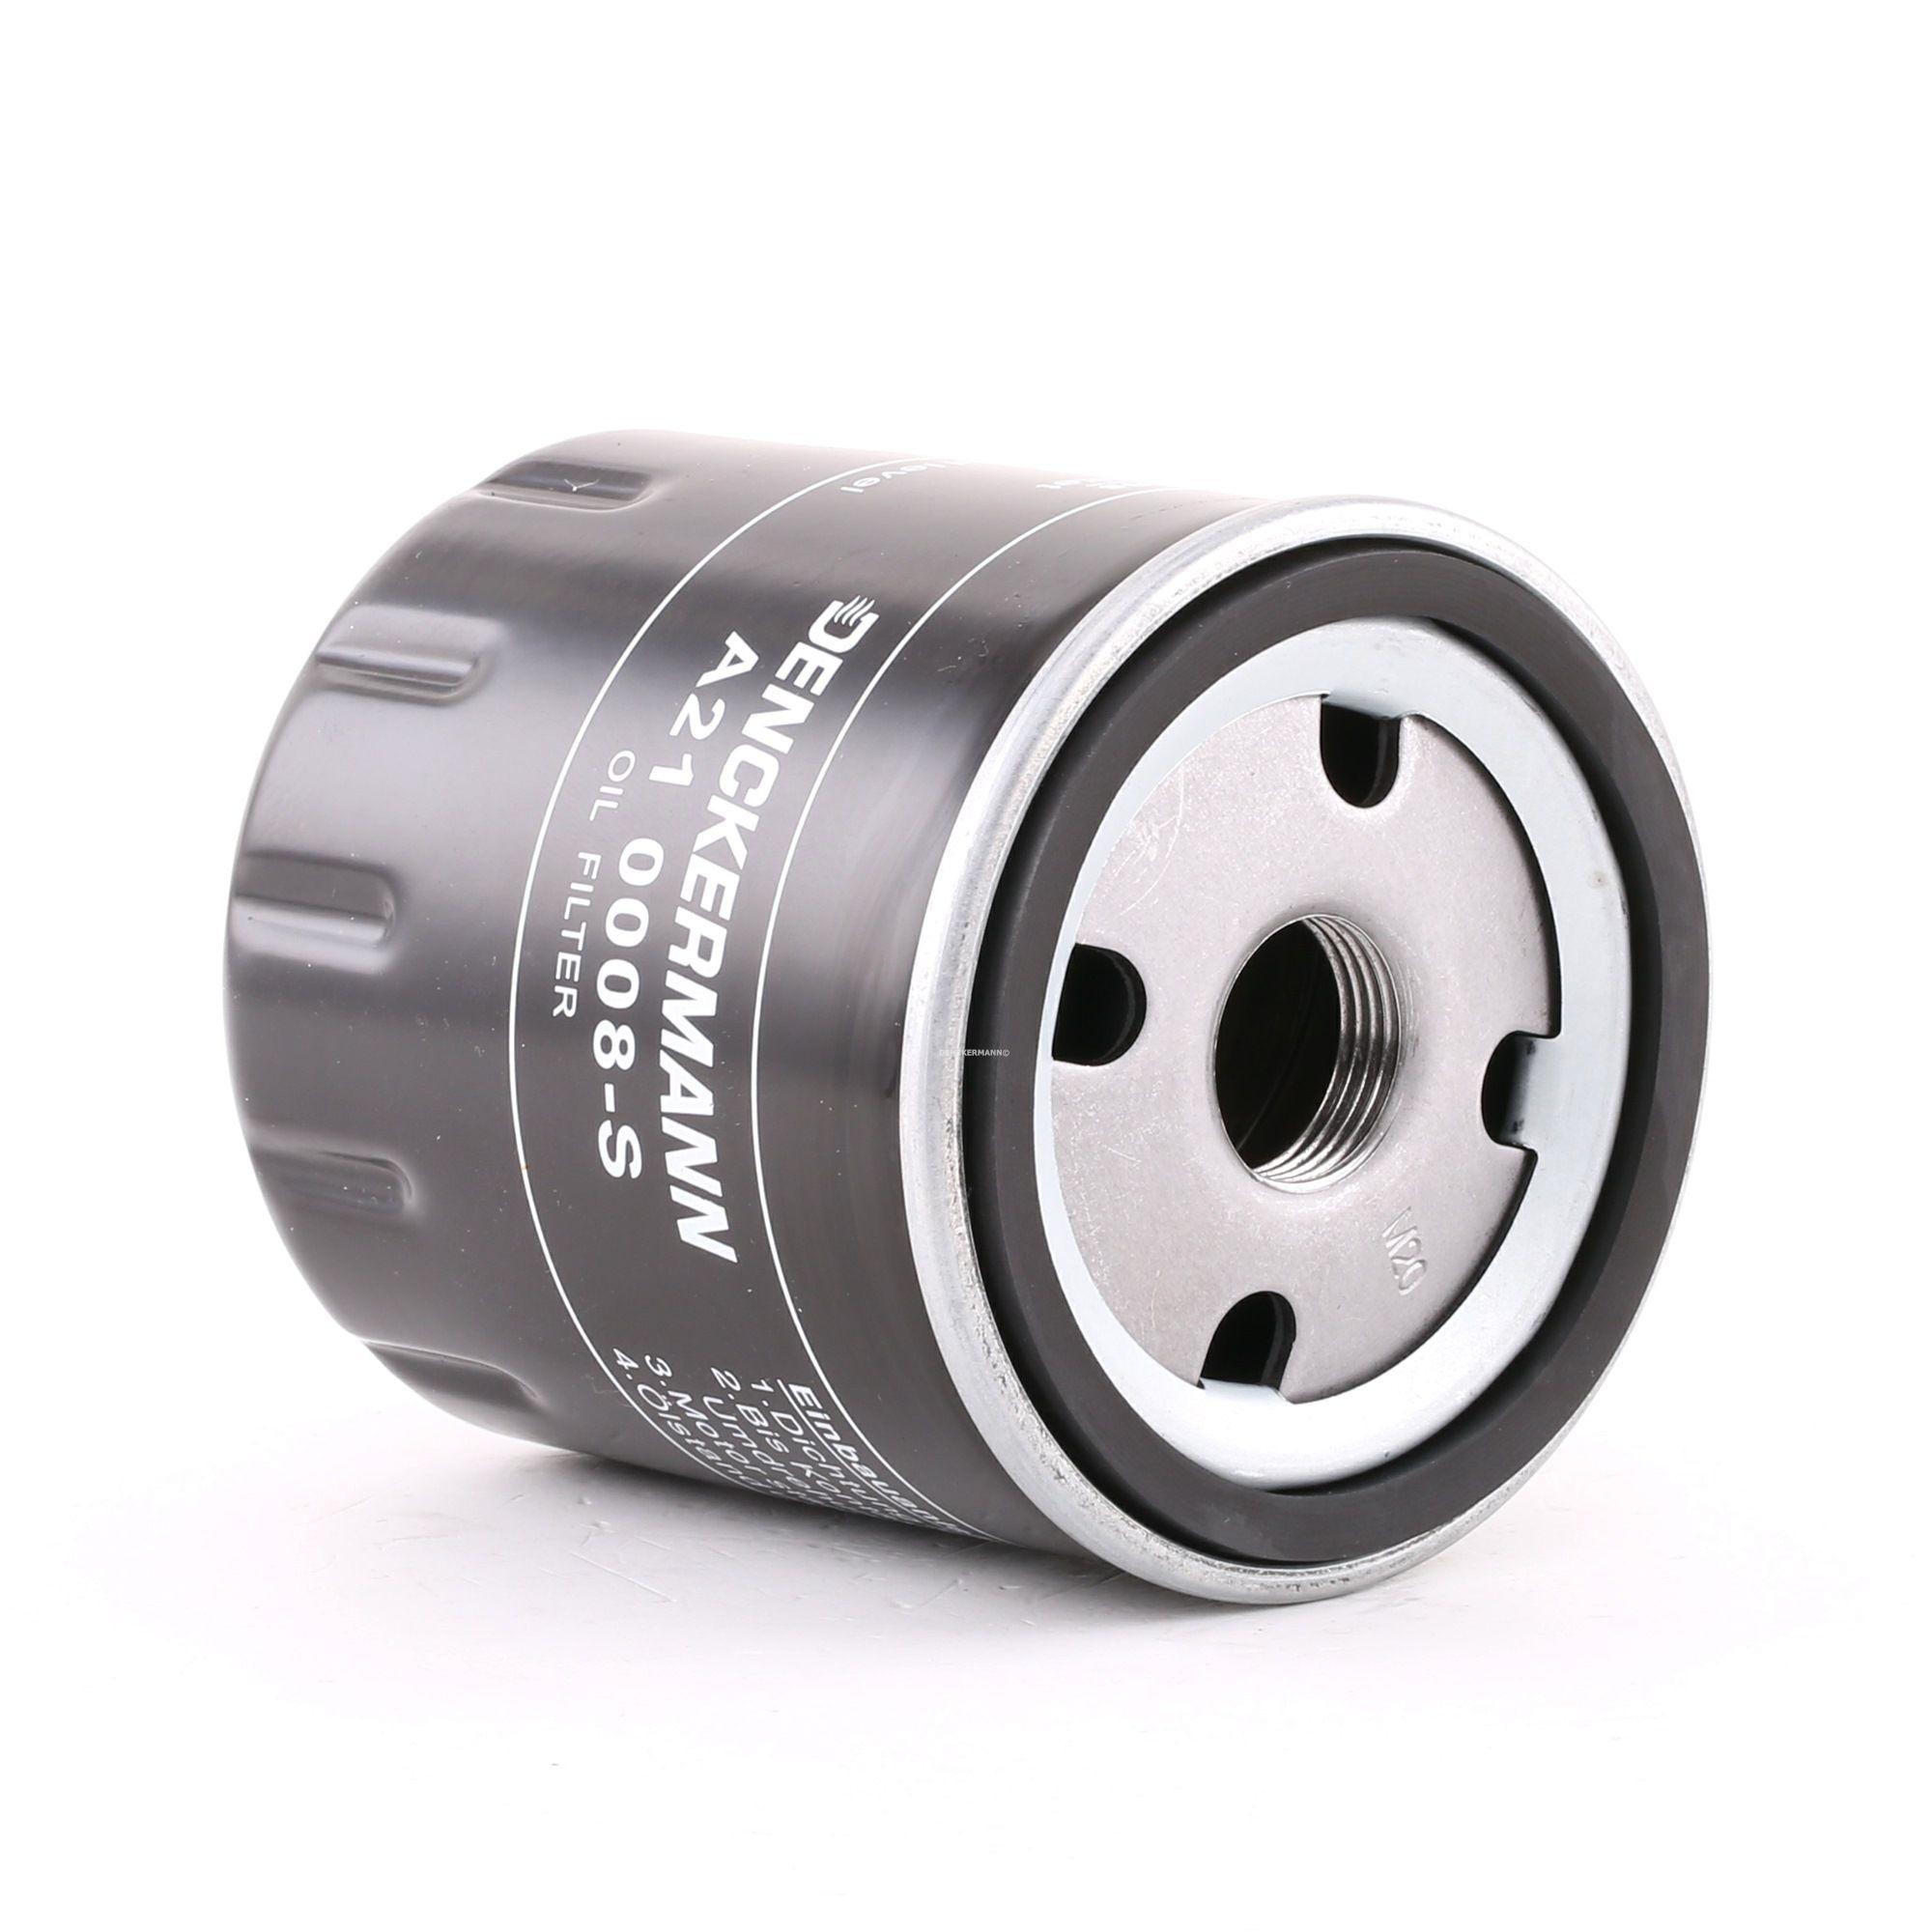 Origine Filtre à huile DENCKERMANN A210008-S (Diamètre intérieur 2: 72mm, Diamètre intérieur 2: 63mm, Hauteur: 88mm)